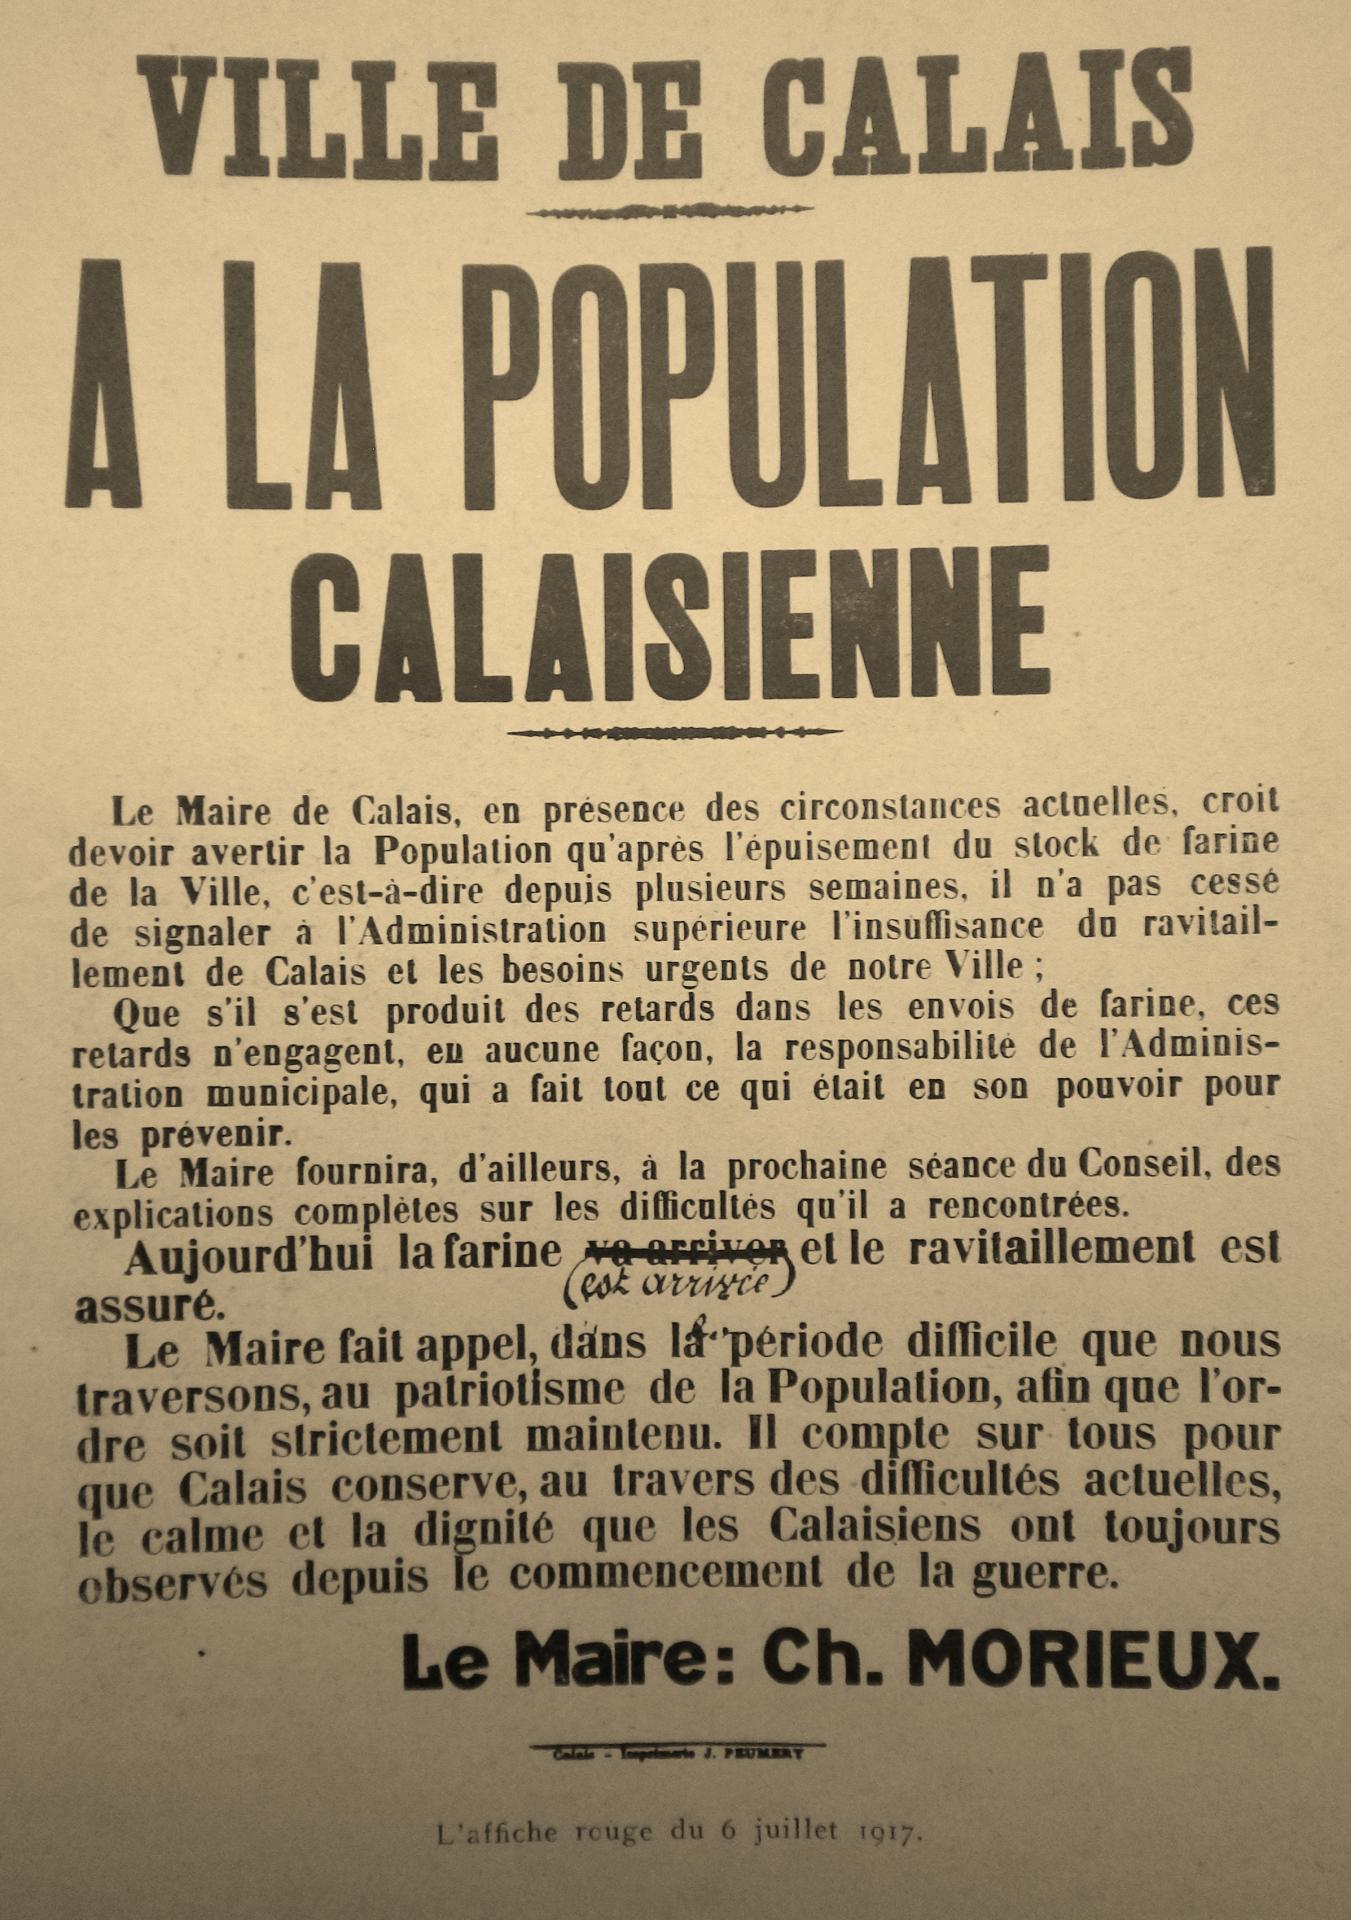 Calais 14 18 avis du maire sur l approvisionnement